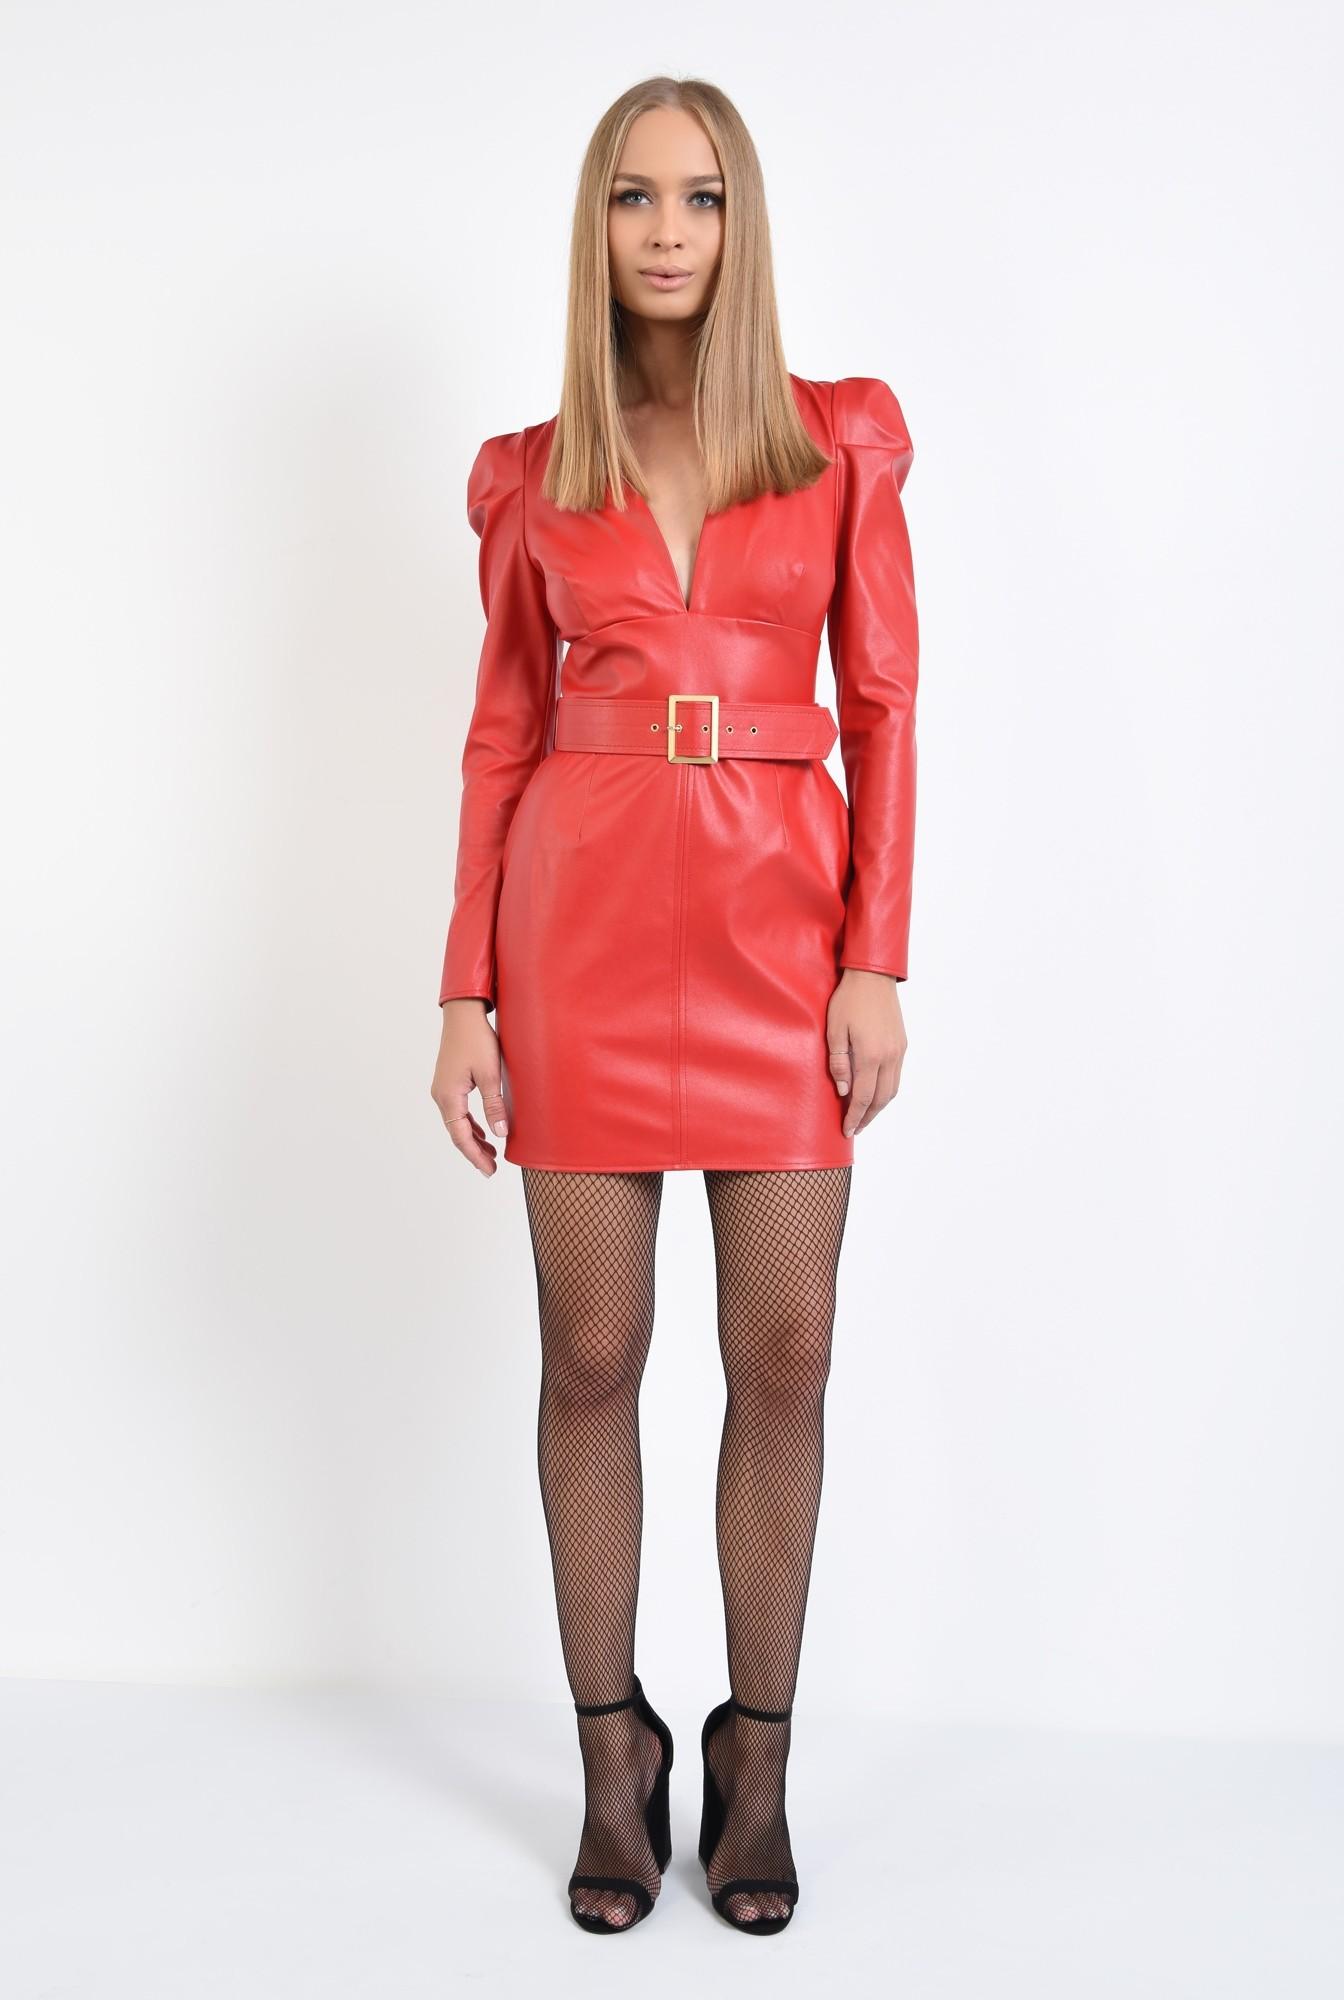 3 - rochie mini, rosie, anchior, cu centura